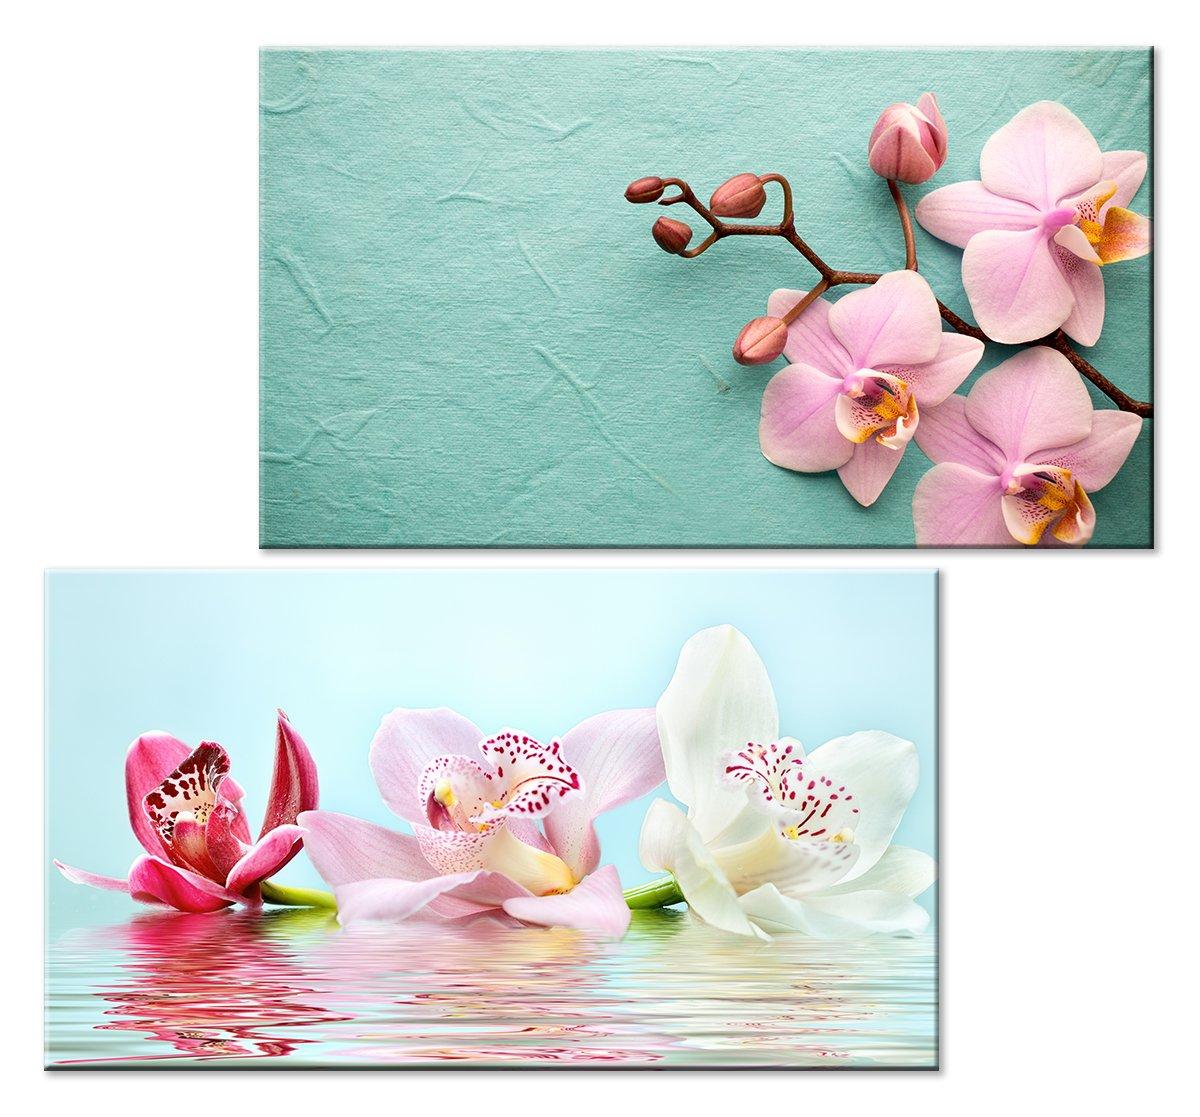 Модульная картина «Цветы на глади»Цветы<br>Модульная картина на натуральном холсте и деревянном подрамнике. Подвес в комплекте. Трехслойная надежная упаковка. Доставим в любую точку России. Вам осталось только повесить картину на стену!<br>